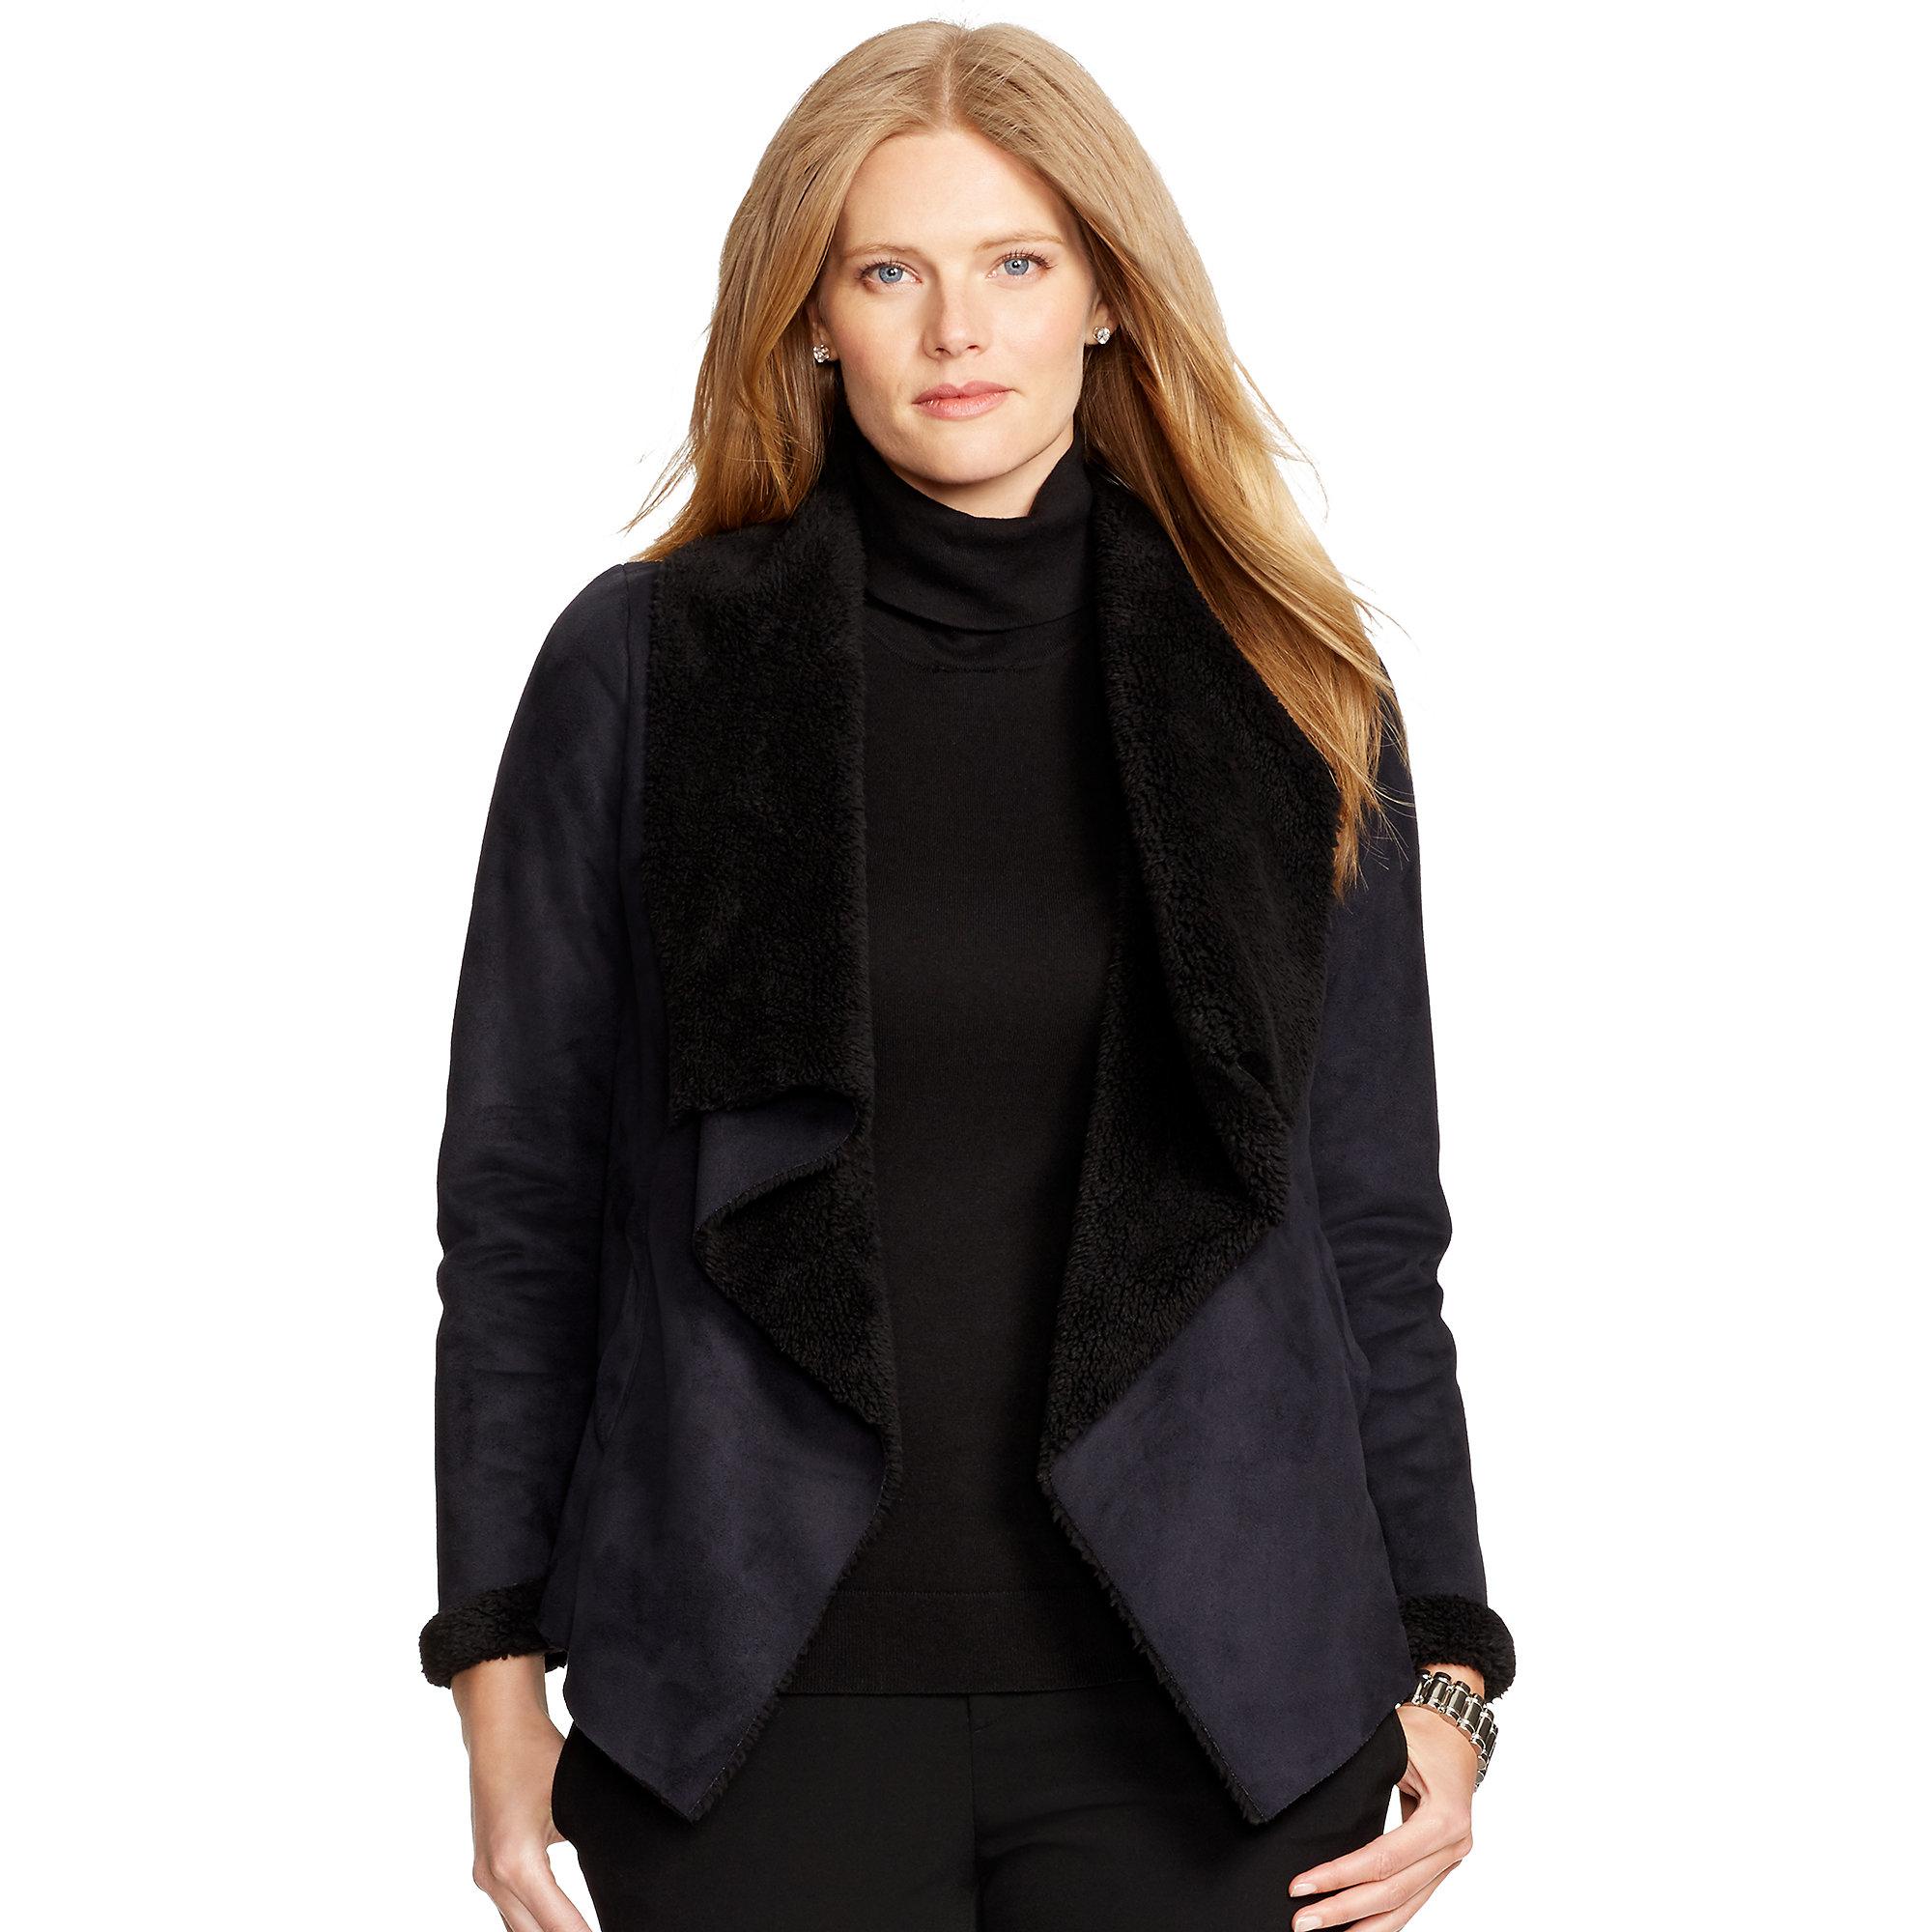 Ralph lauren Faux-shearling Jacket in Black | Lyst